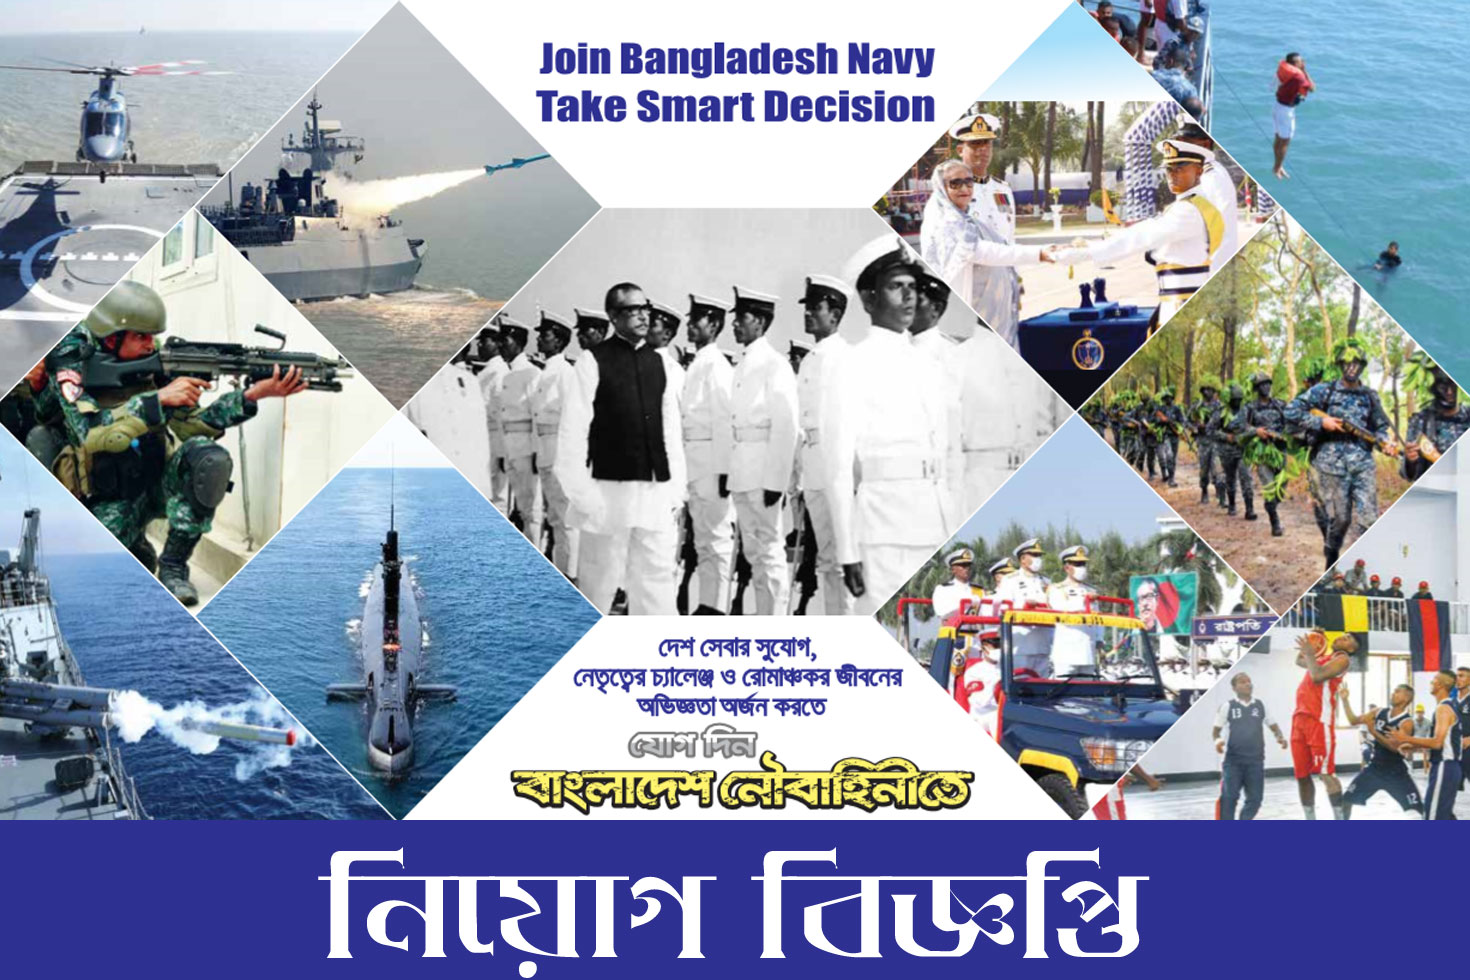 সরাসরি কমিশন্ড অফিসার নিচ্ছে বাংলাদেশ নৌবাহিনী